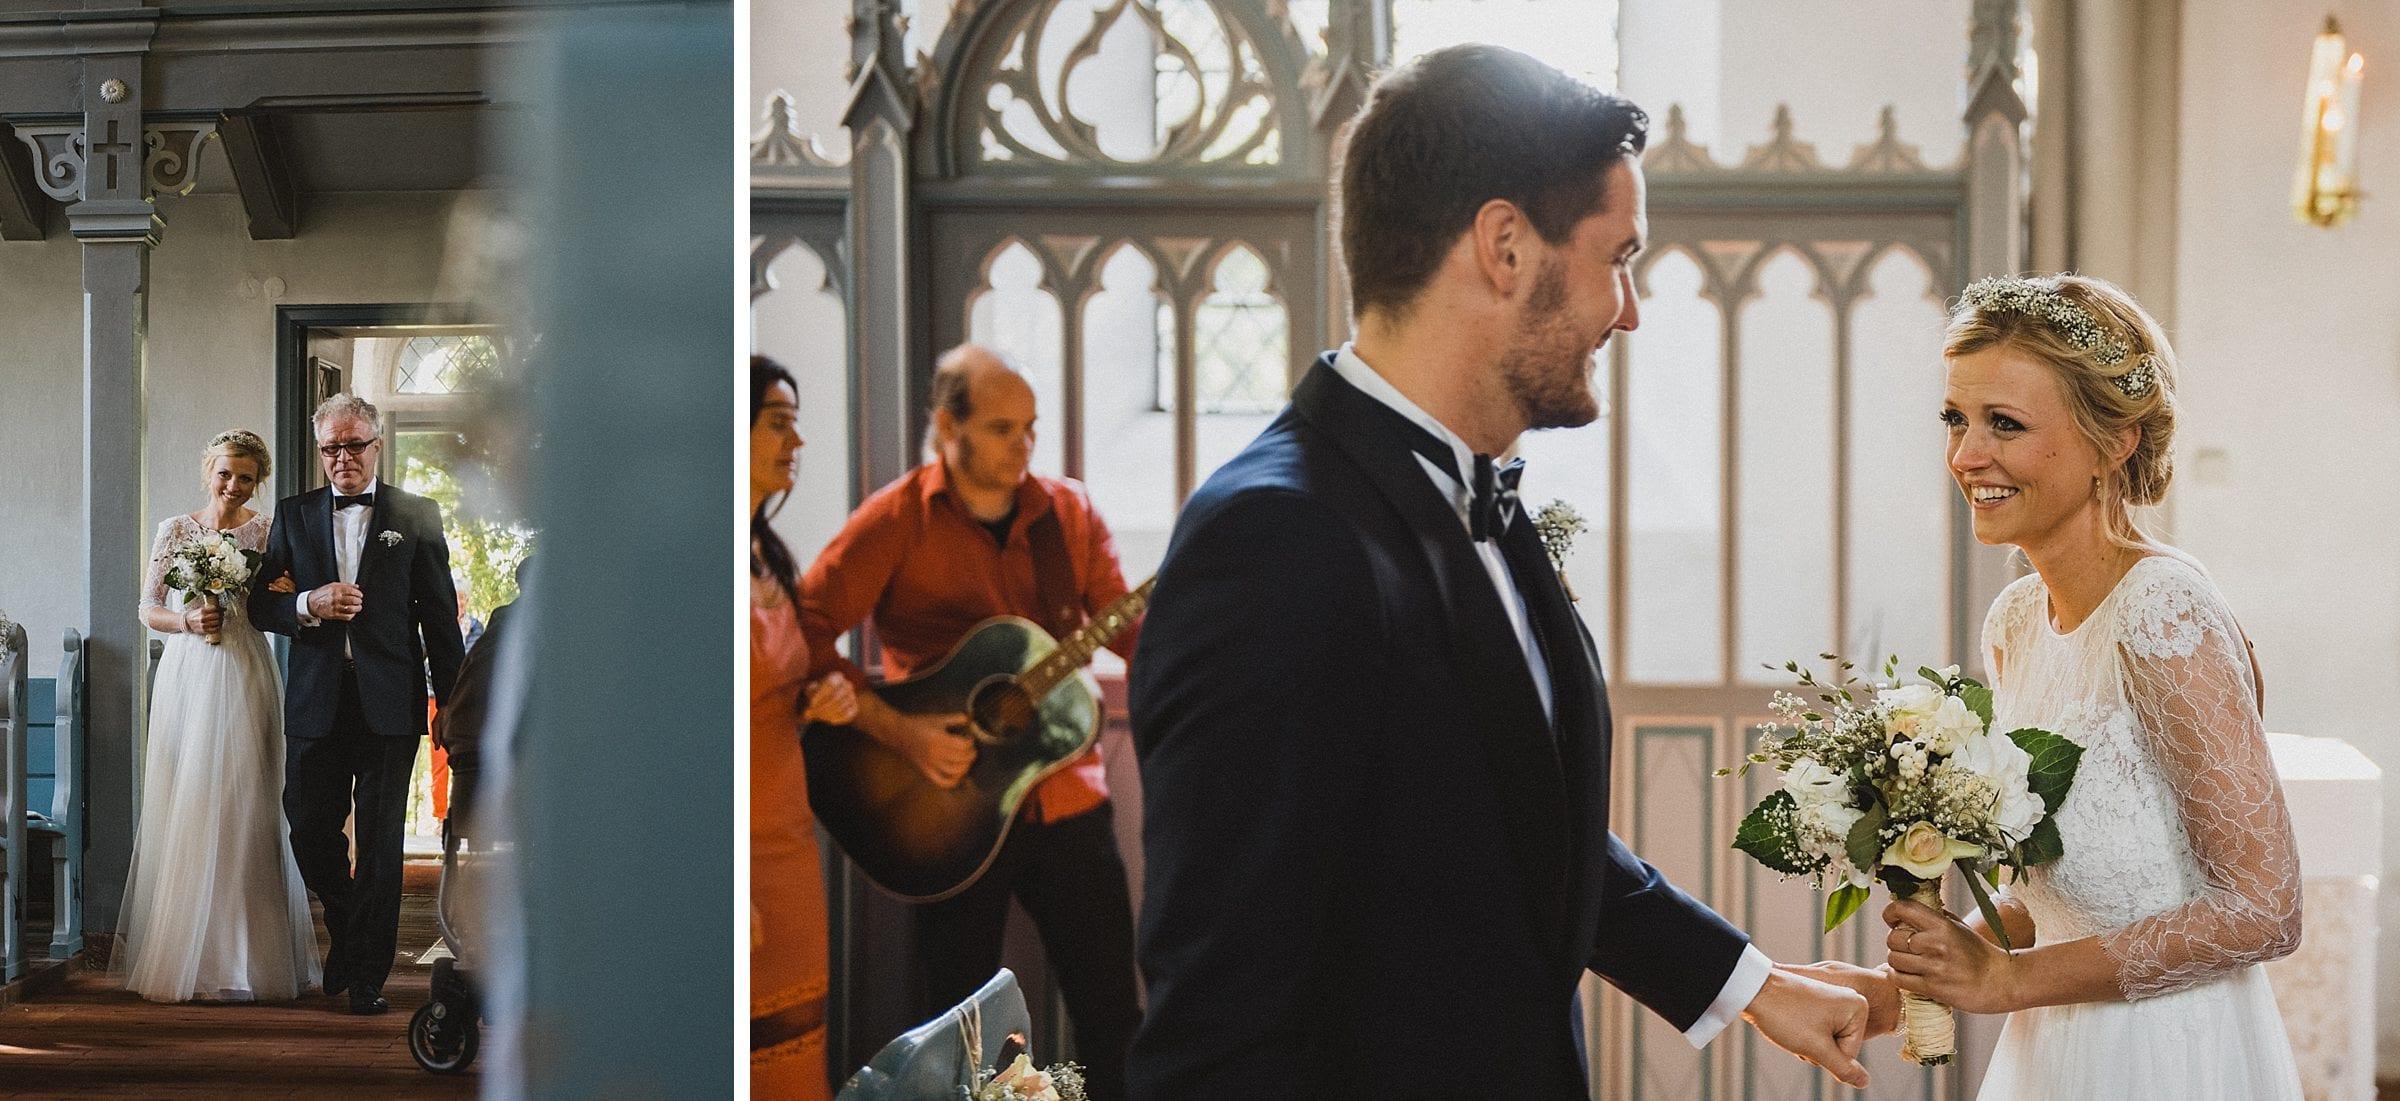 Hochzeitsfotografie Hamburg-Frau-Siemers-Gut Basthorst- kirchliche Trauung-Einmarsch mit Brautvater